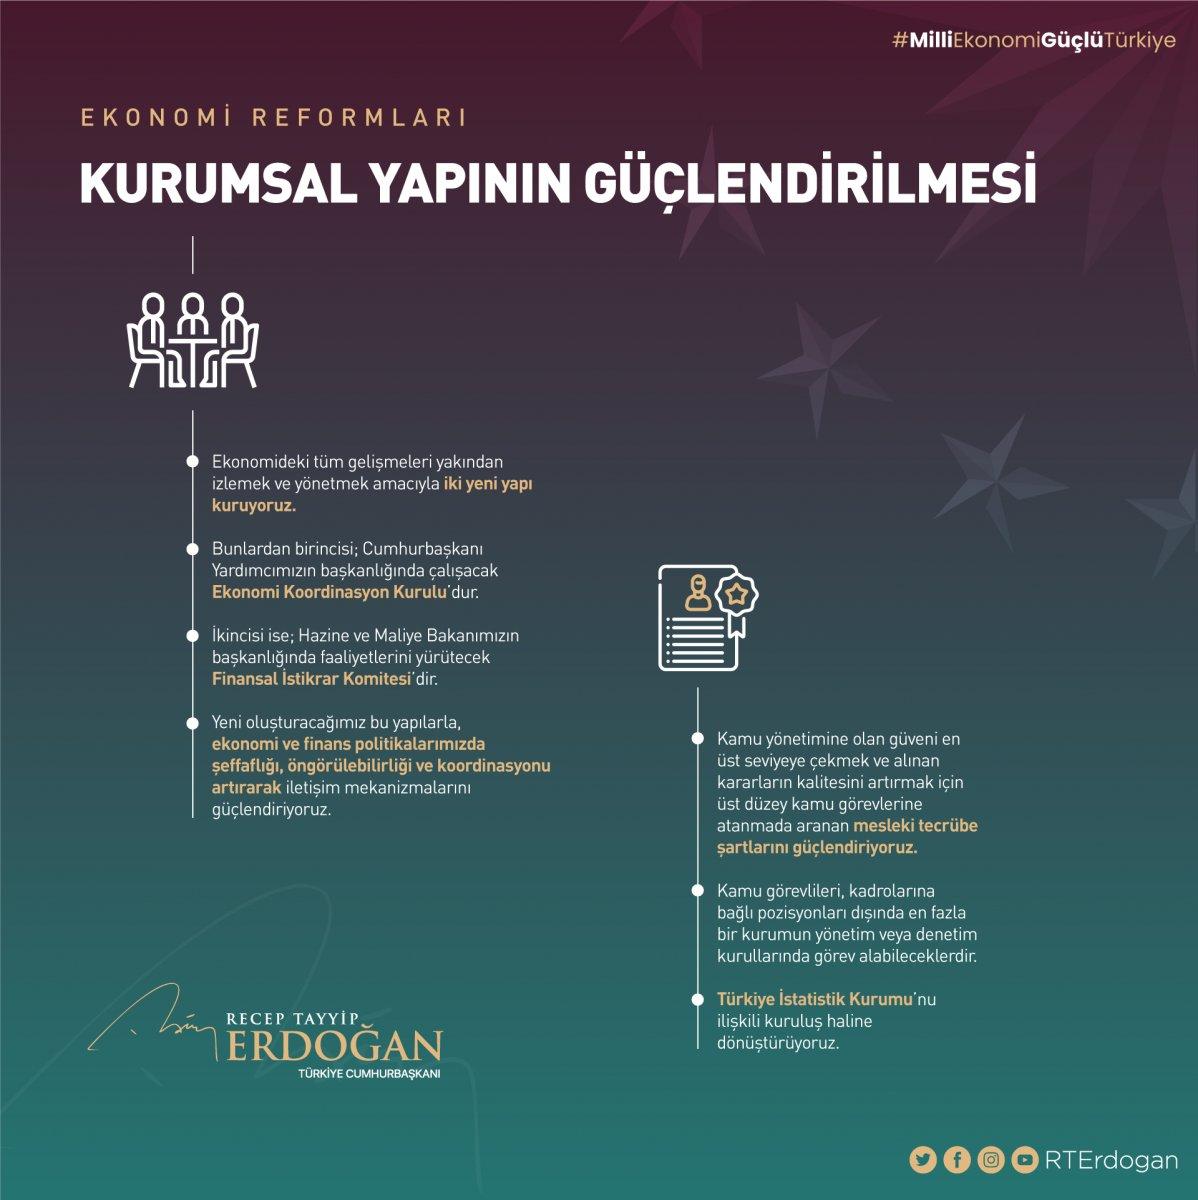 Cumhurbaşkanı Erdoğan ın açıkladığı ekonomi reformu paketi #26